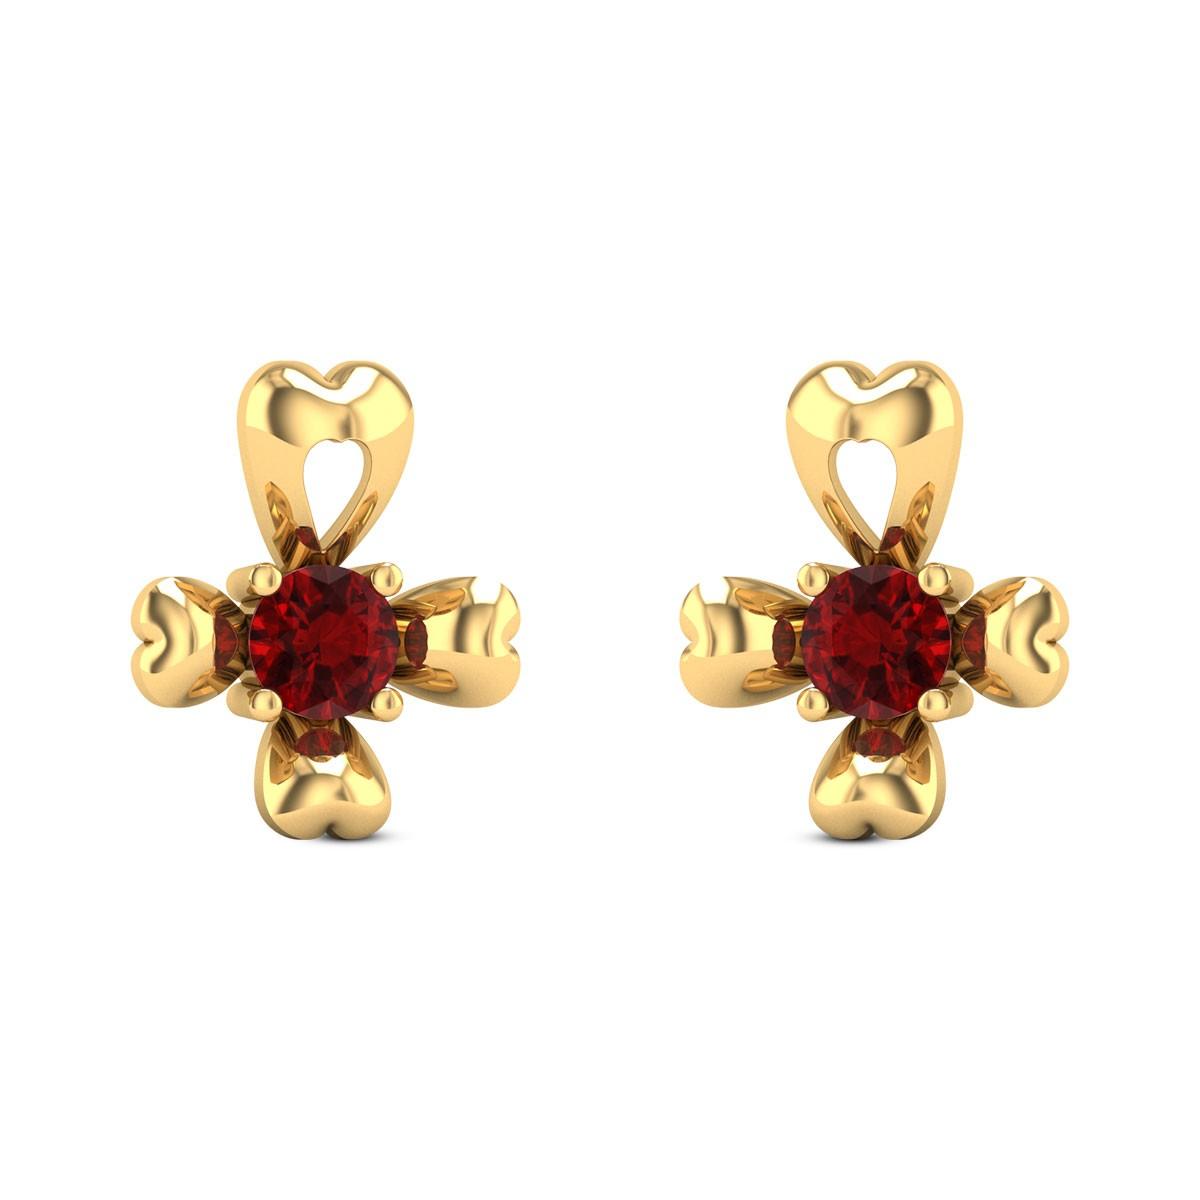 Impatiens Ruby Stud Earrings